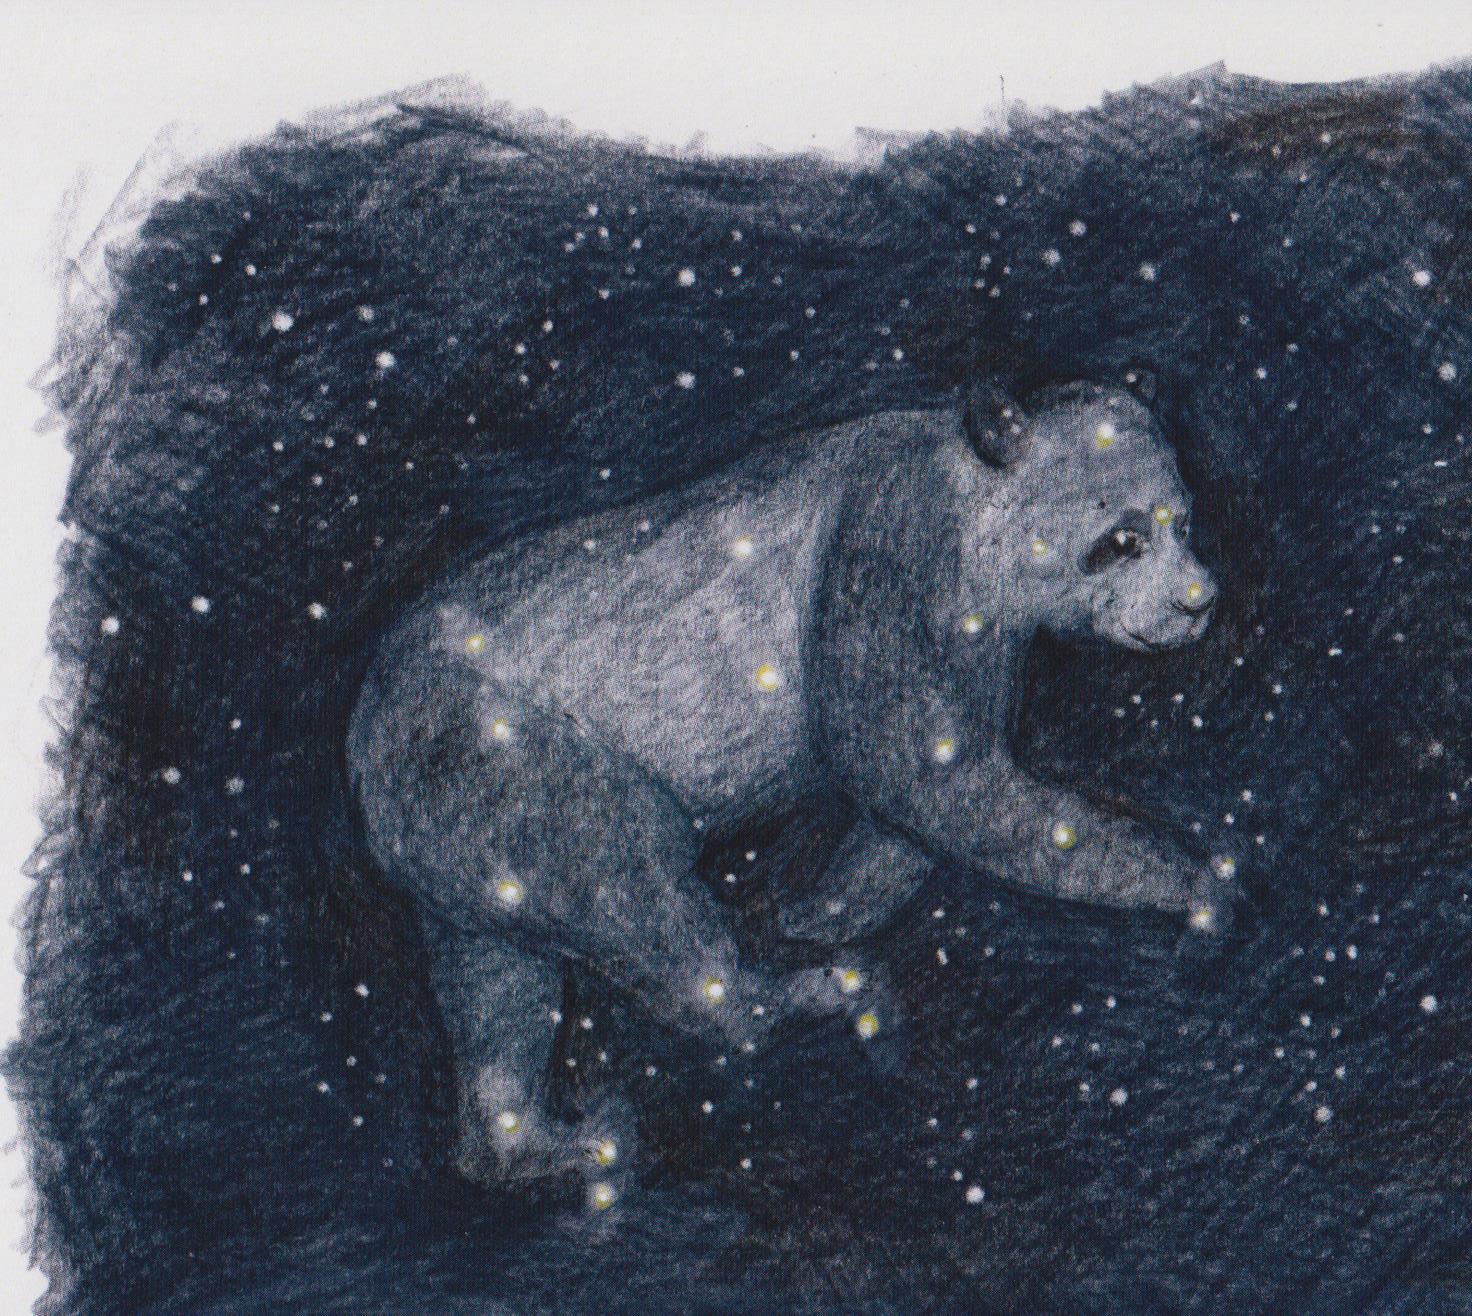 Der Bär, der Albert und die aufgehenden Sterne